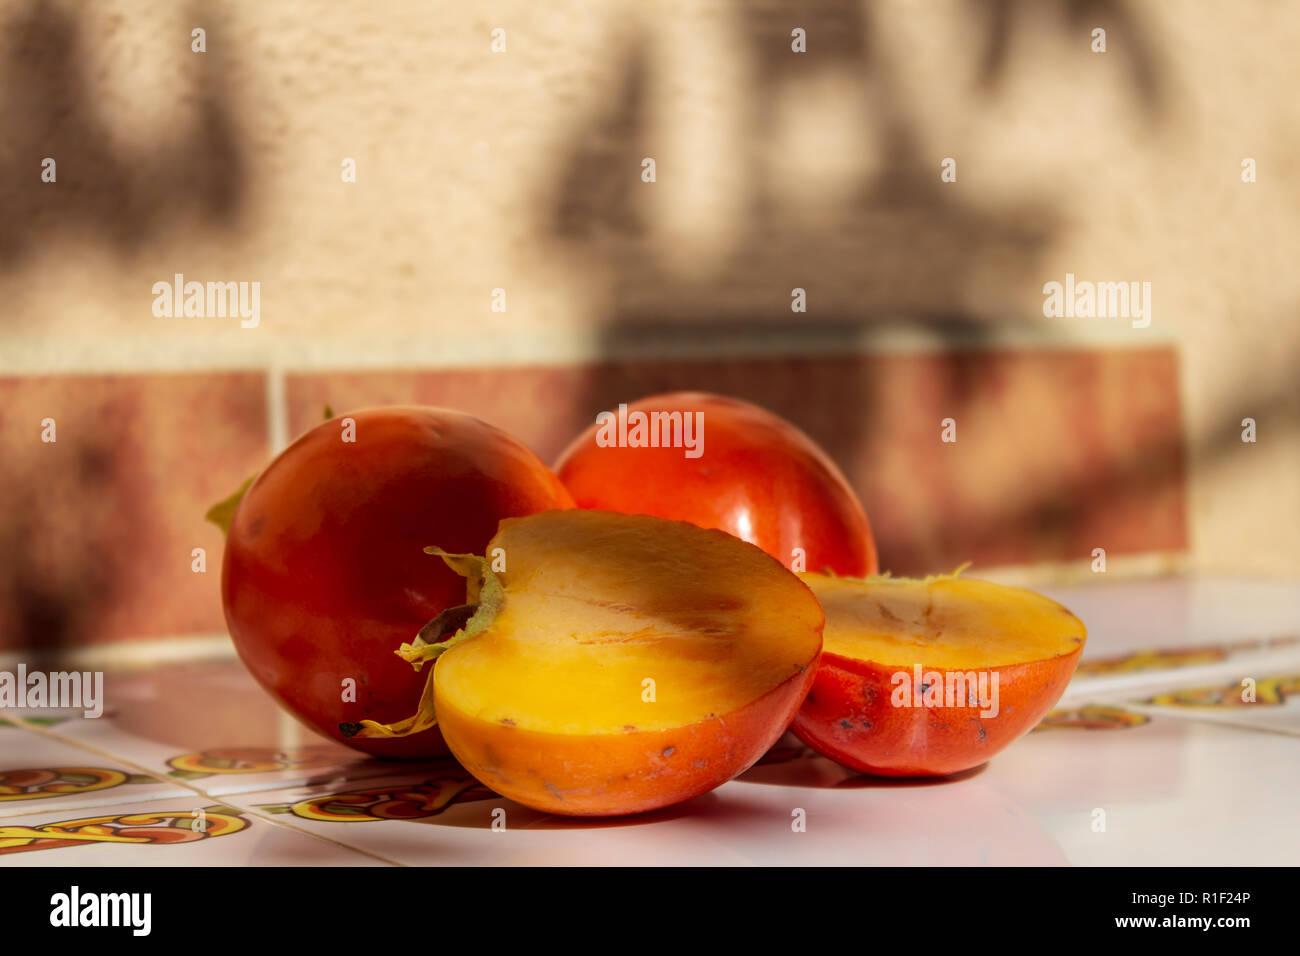 Diospyros kaki, Persimmon Fruit, ripe and ready to eat,  November 2018, Spain Stock Photo